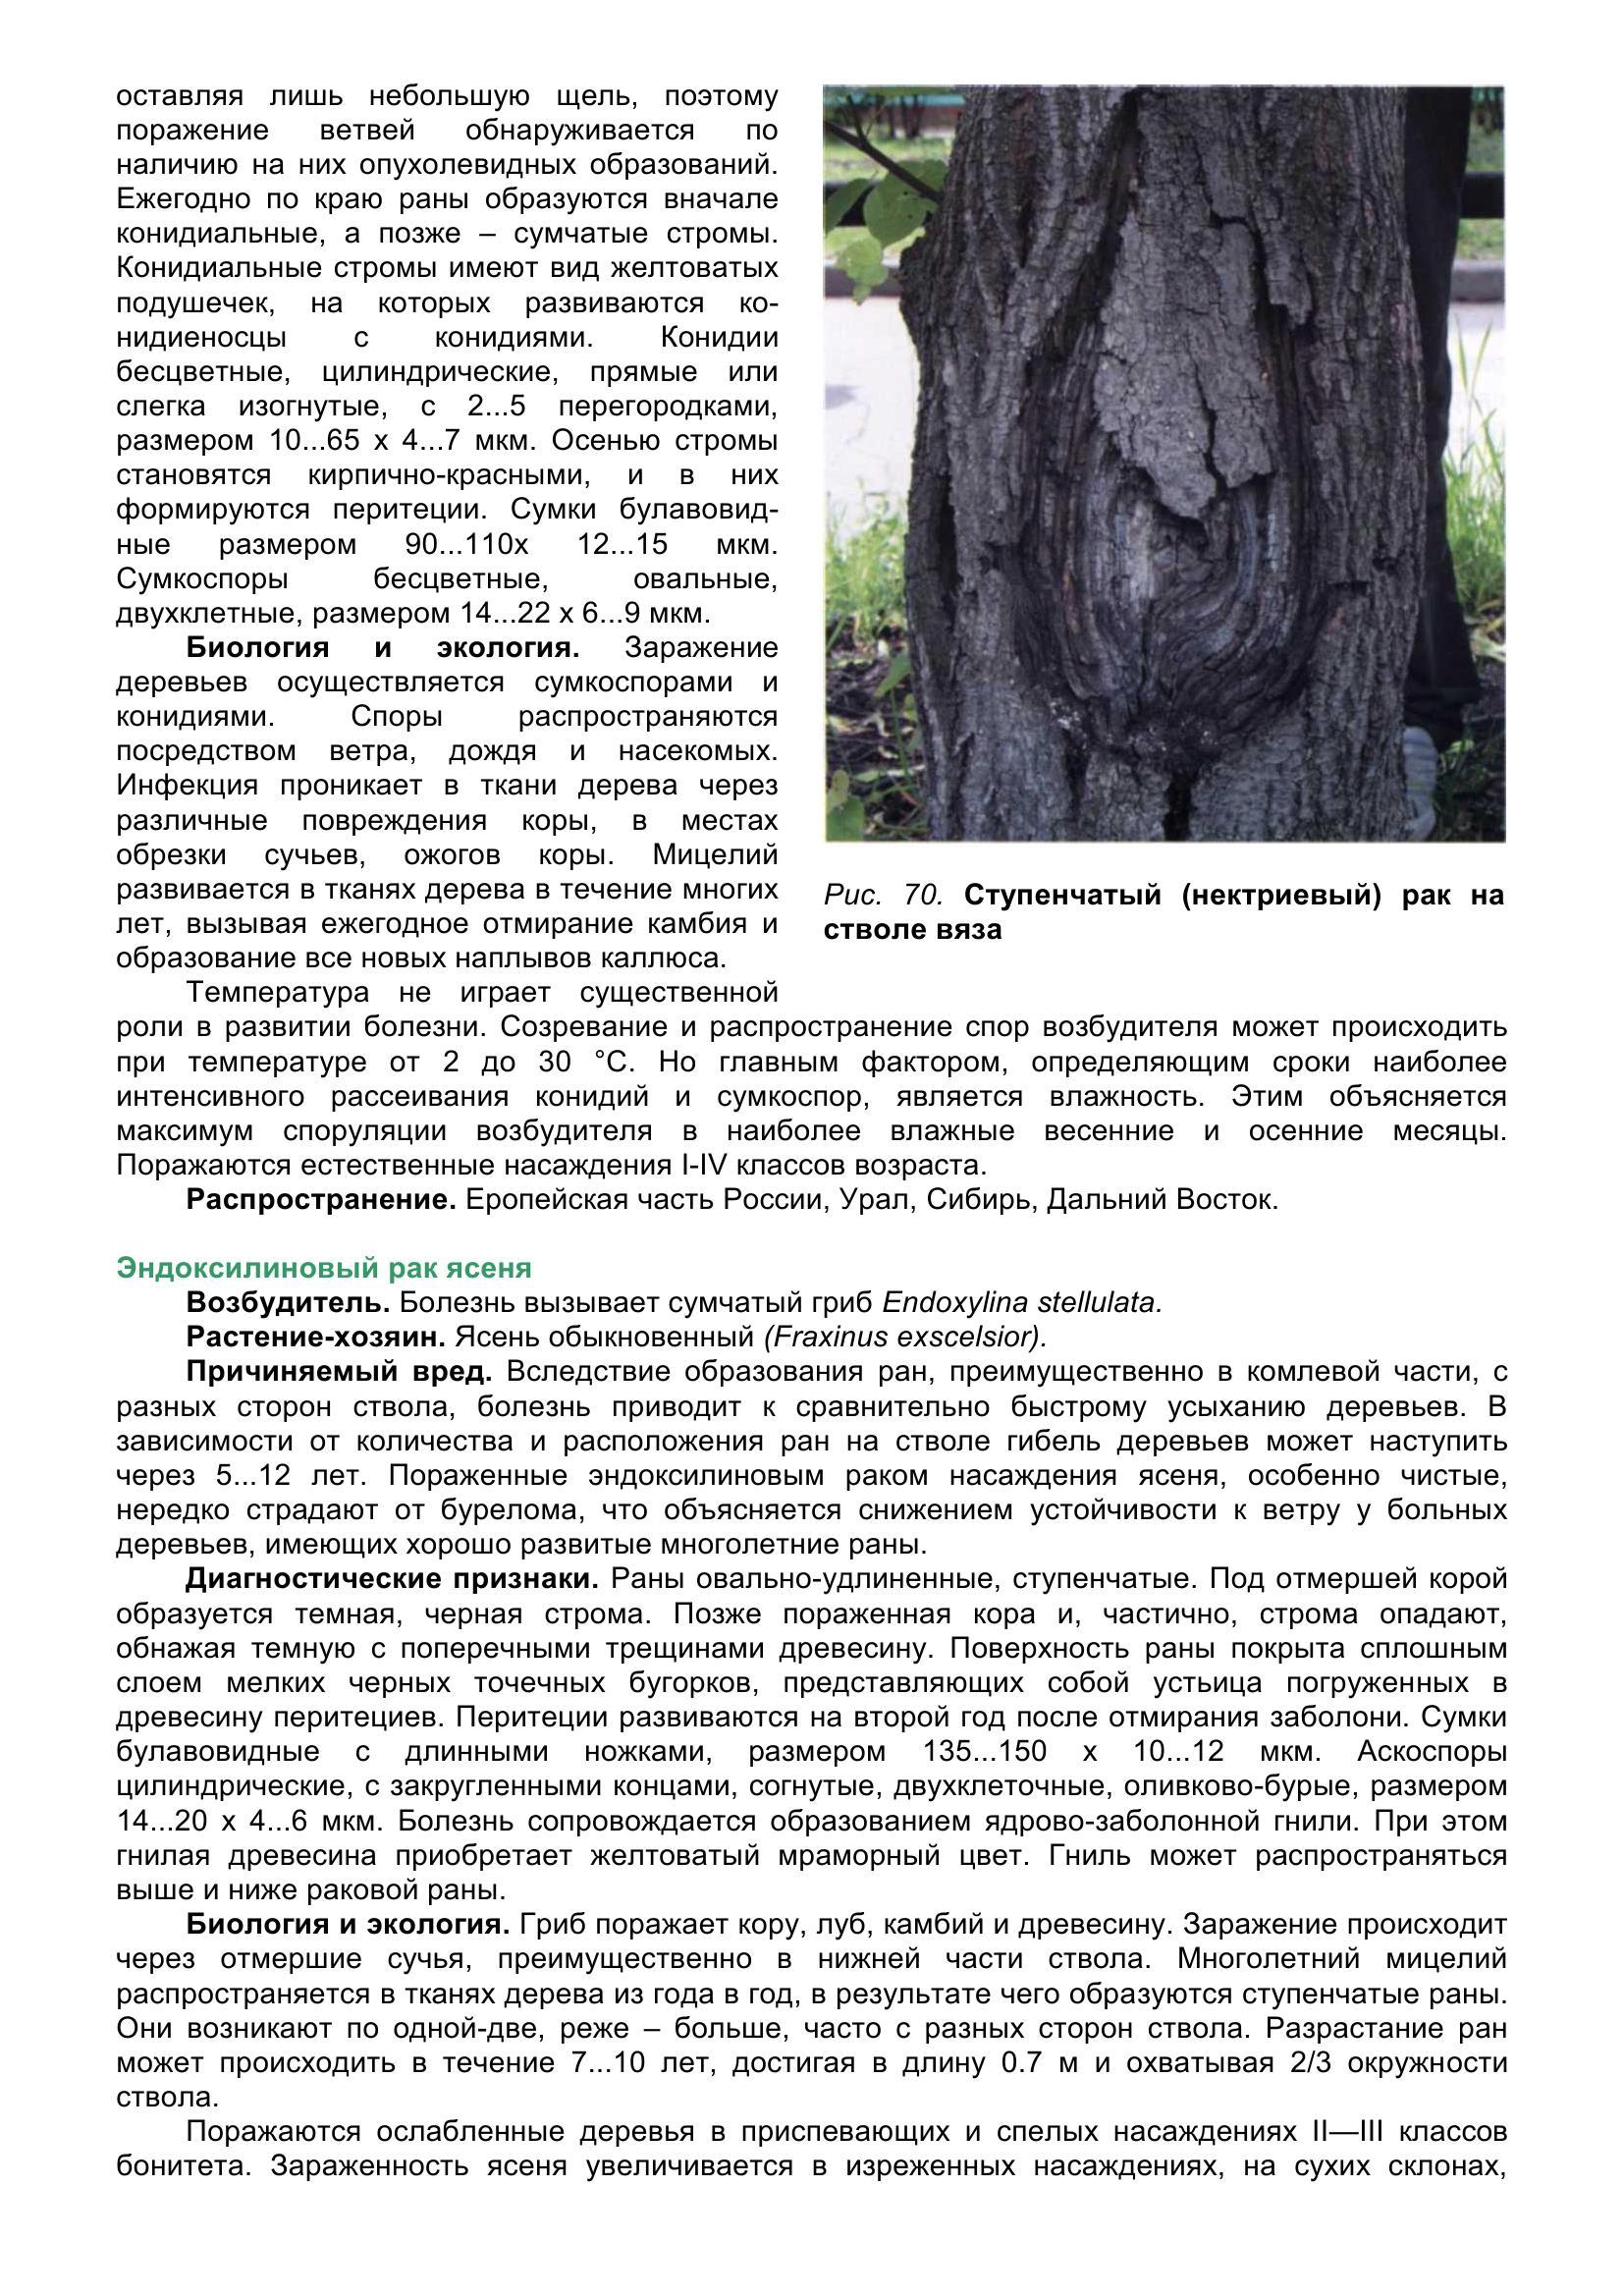 Болезни_древесных_растений_080.jpg